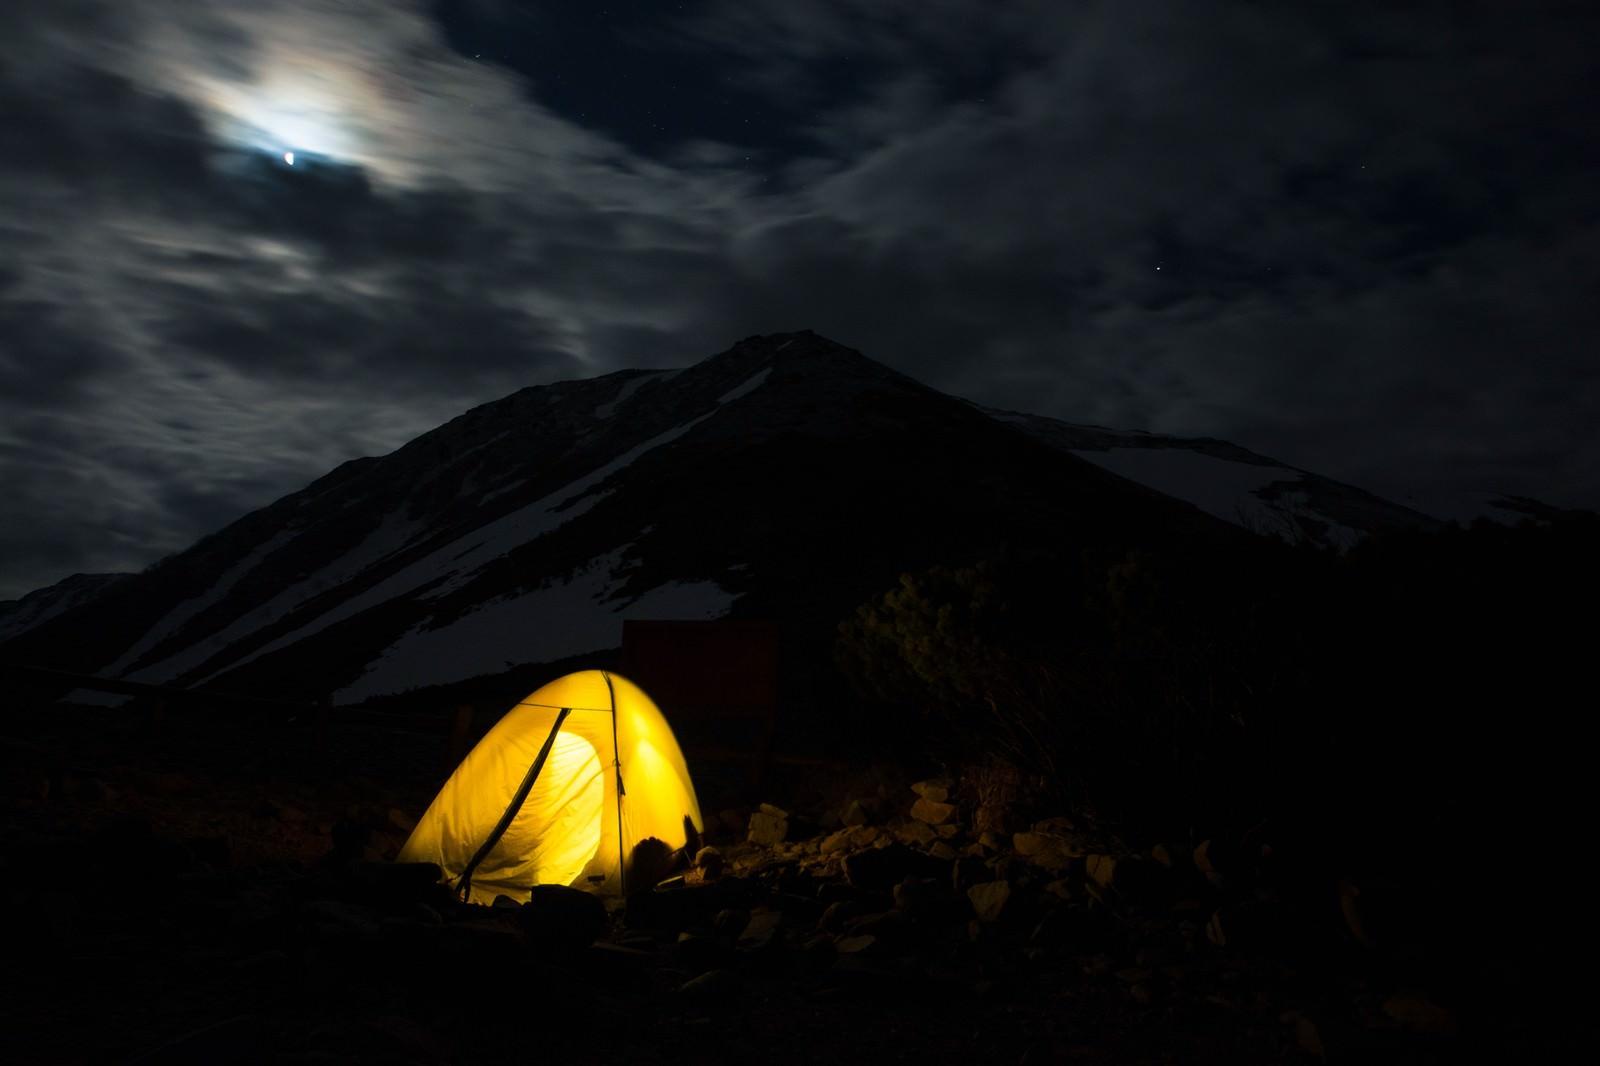 「山でテント泊(ひとりぼっちの旅)山でテント泊(ひとりぼっちの旅)」のフリー写真素材を拡大